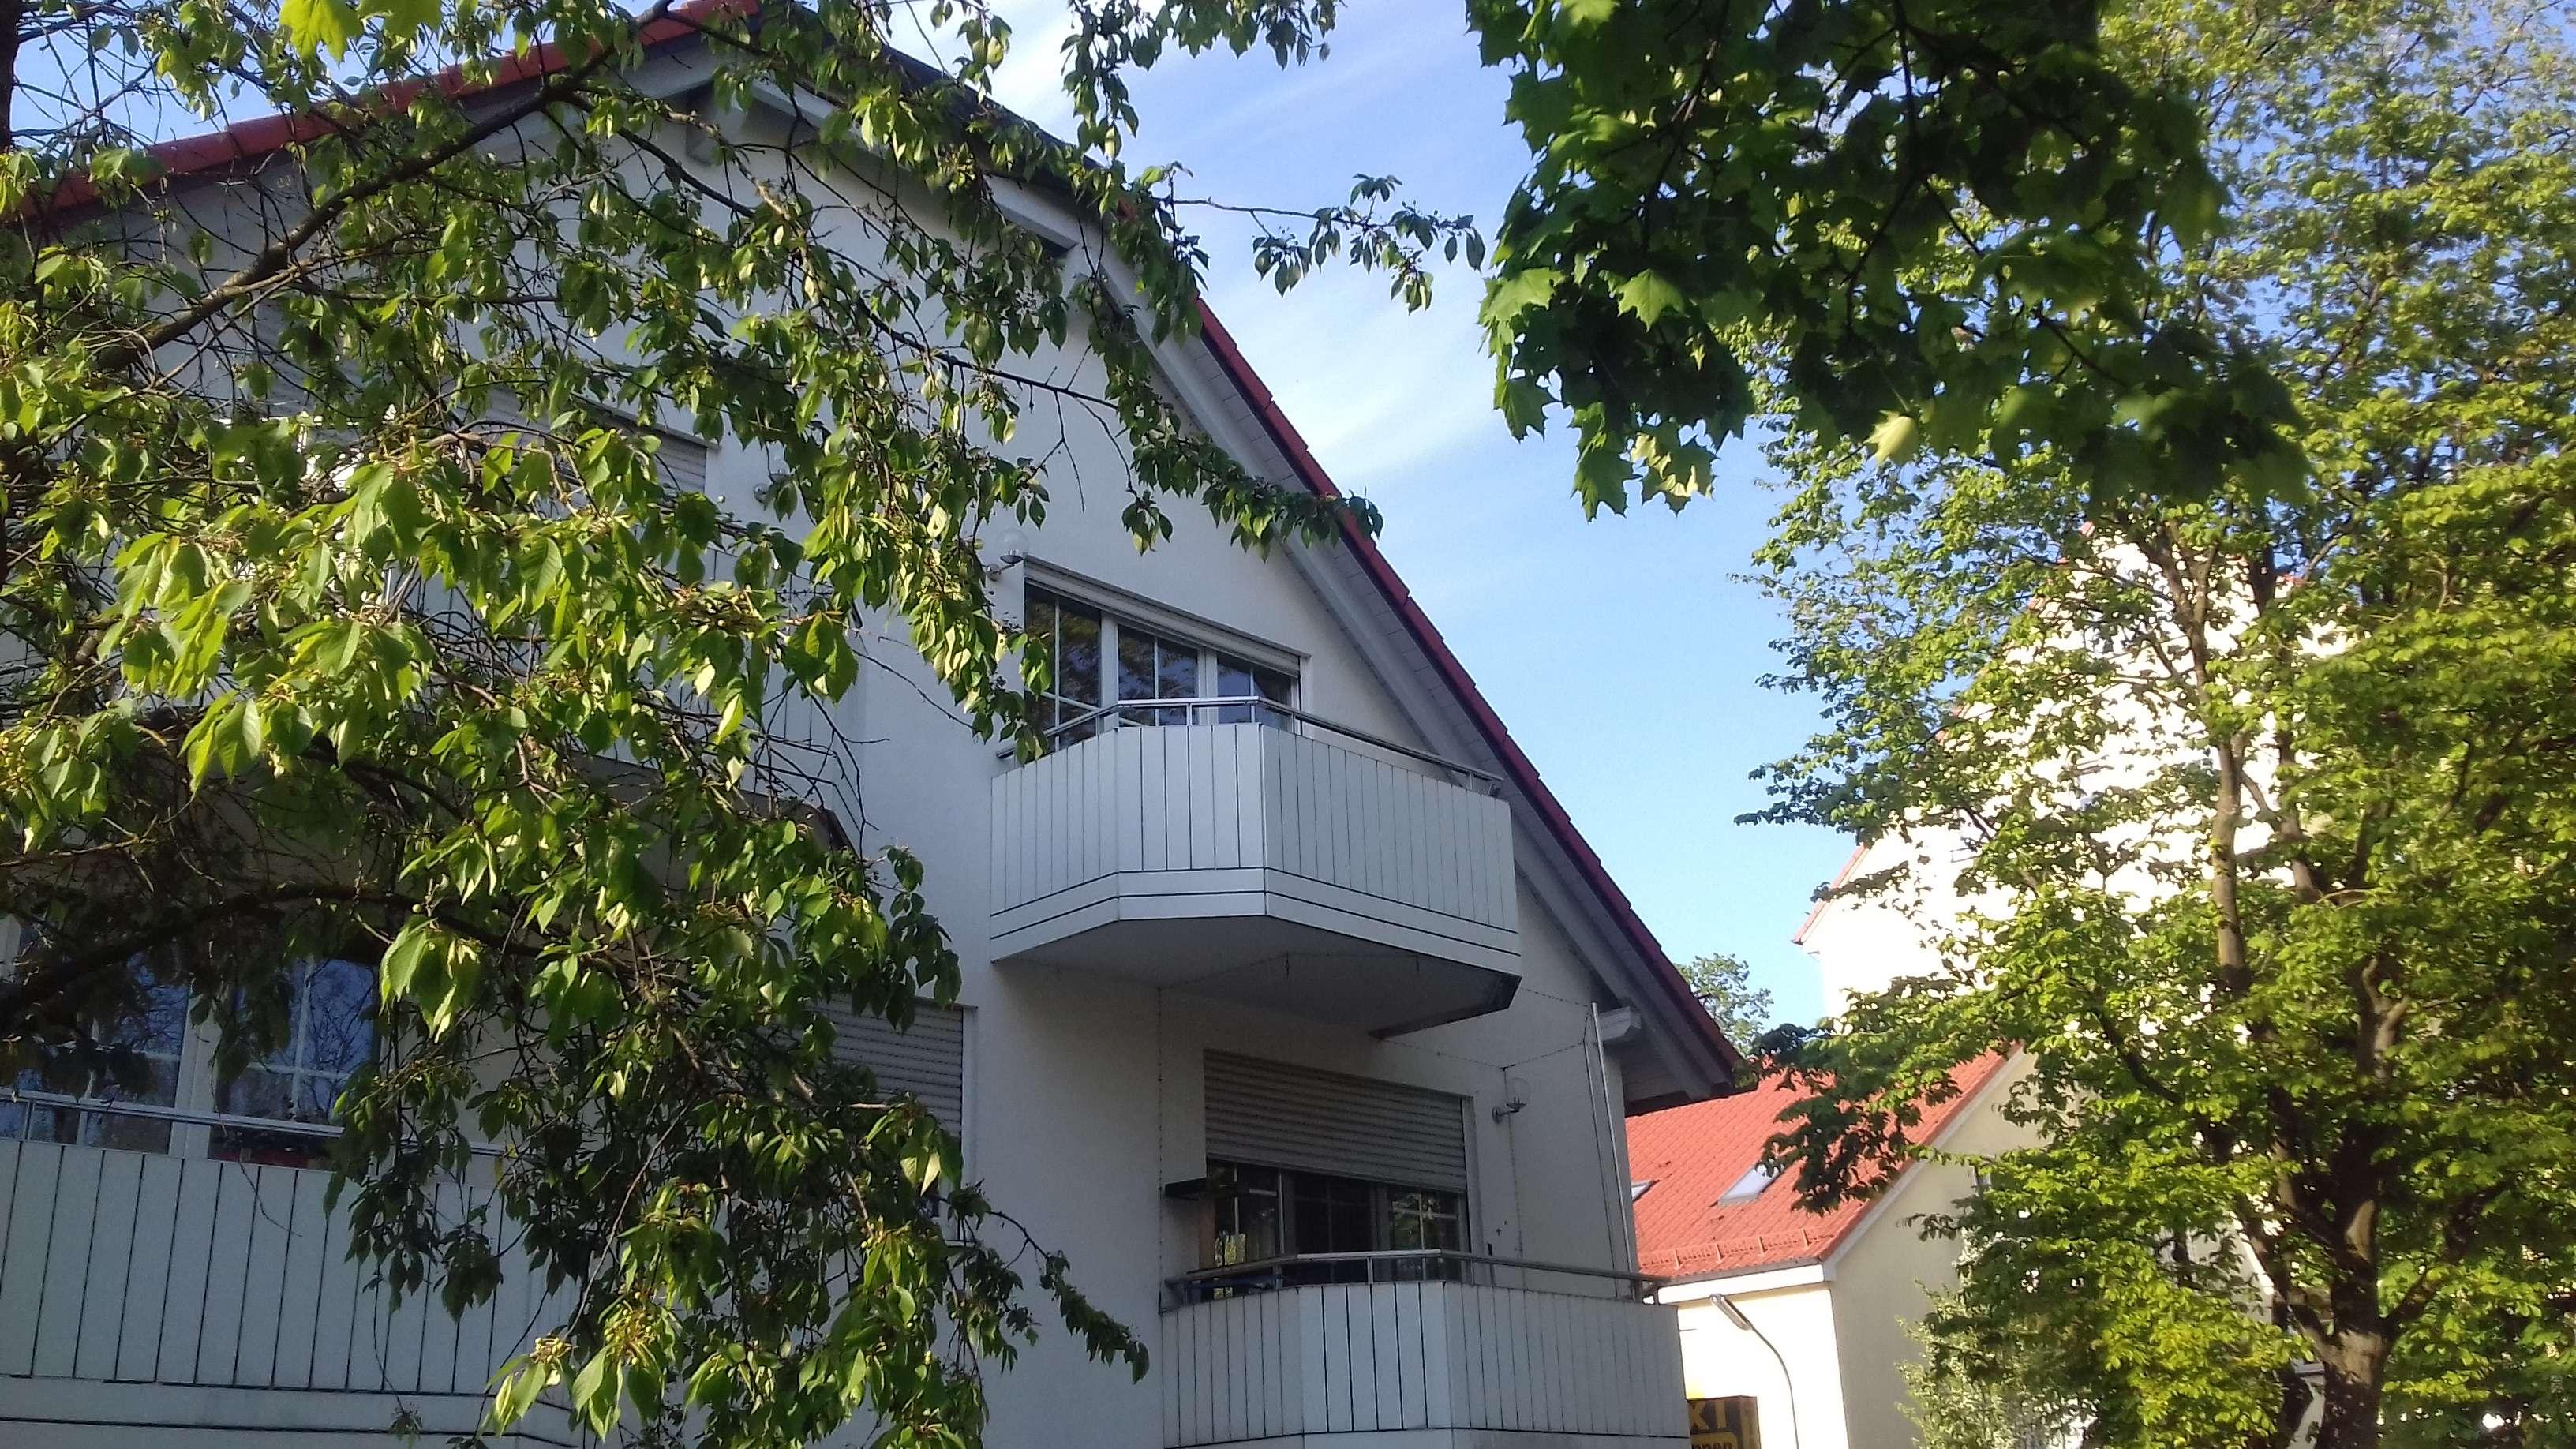 Stilvolle, neuwertige 3-Zimmer-DG-Wohnung mit Balkon in Pasing, München